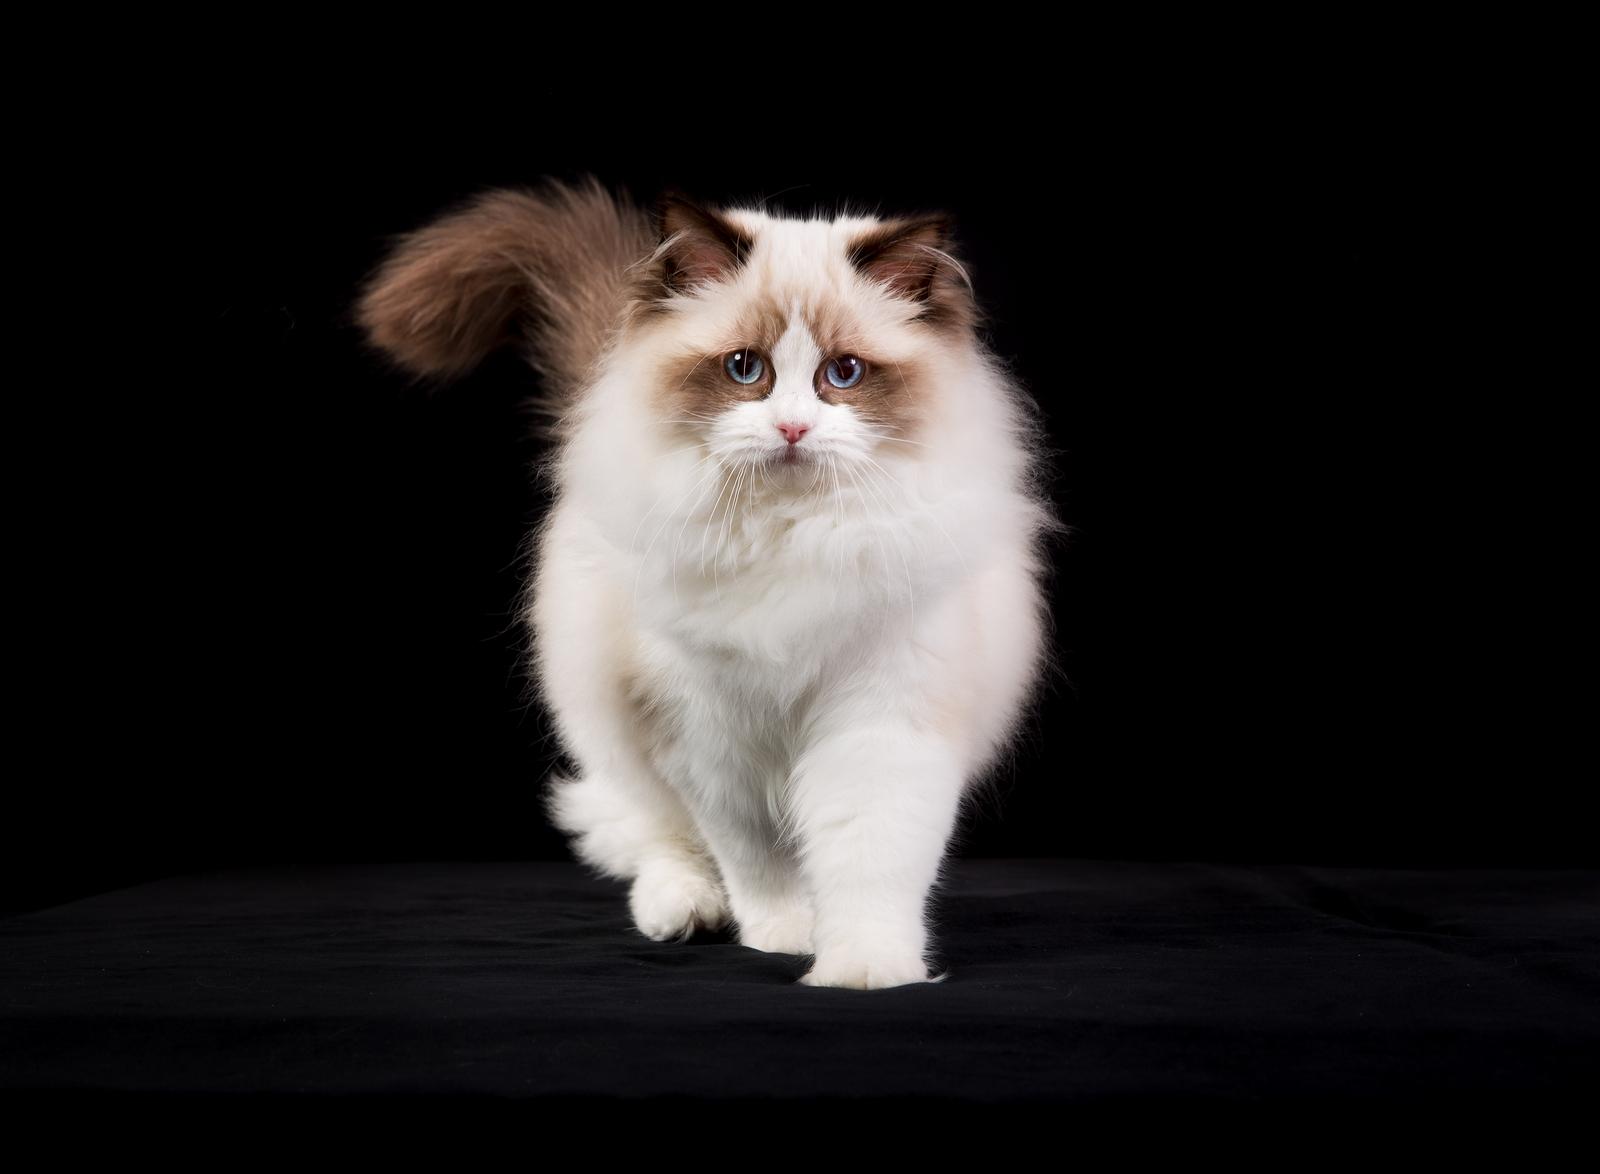 Рэгдолл: тряпичная кукла в кошачьем обличьи